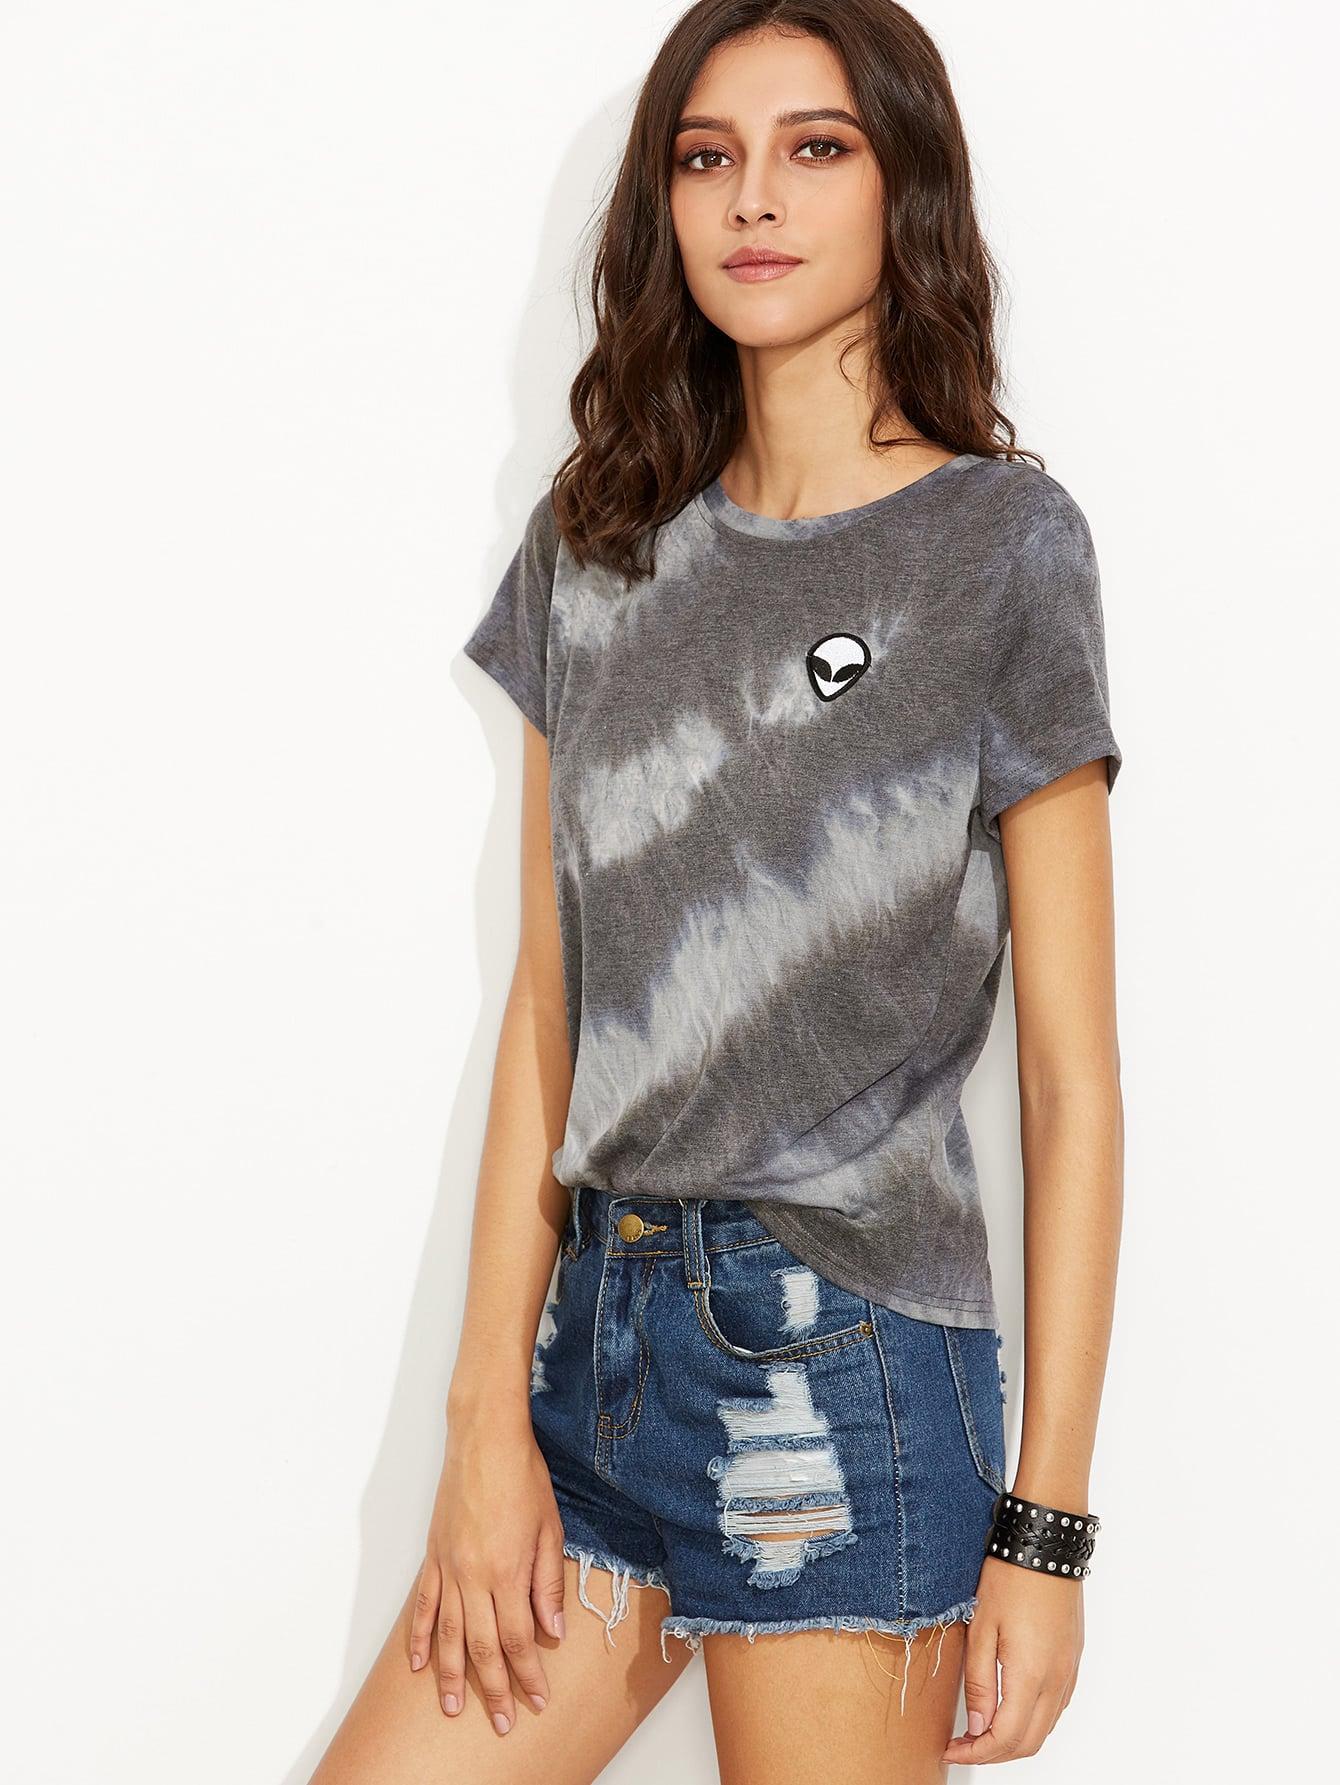 13424c6c402b6d T-Shirt Batik Druck mit Alien Patch - grau